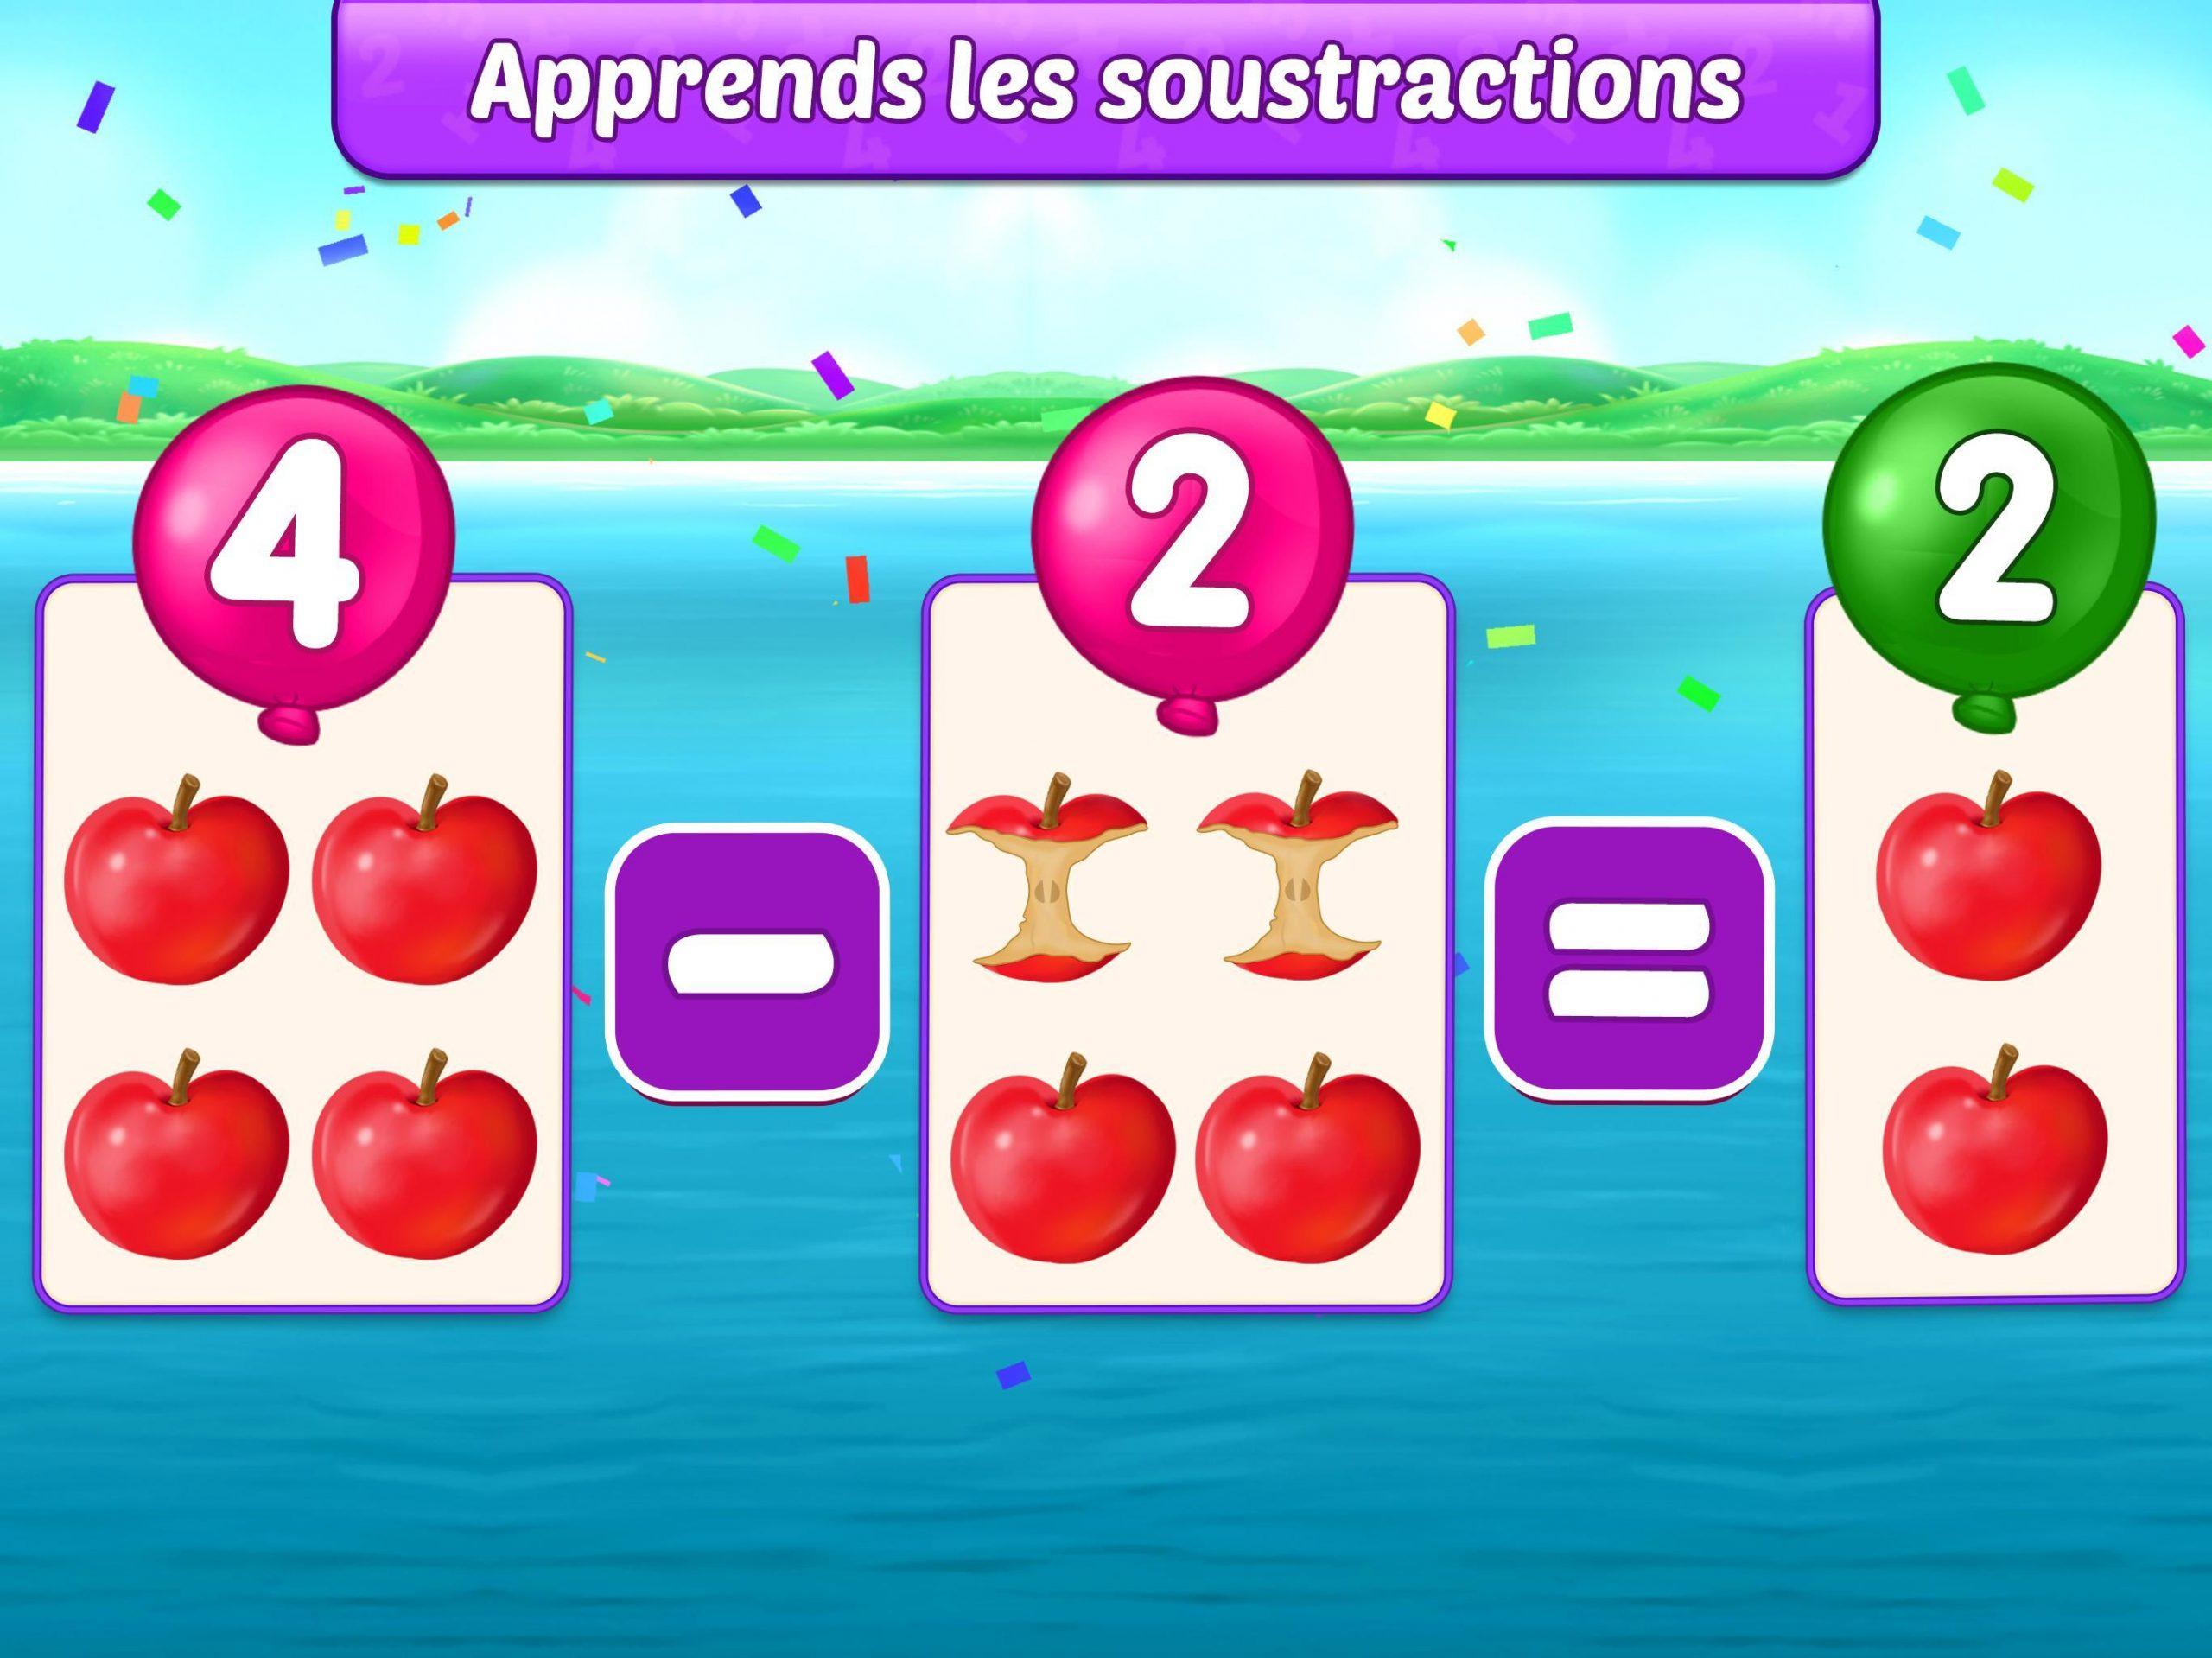 Jeux De Maths Enfants - Addition Et Soustraction Pour tout Jeux De Maths Gratuit